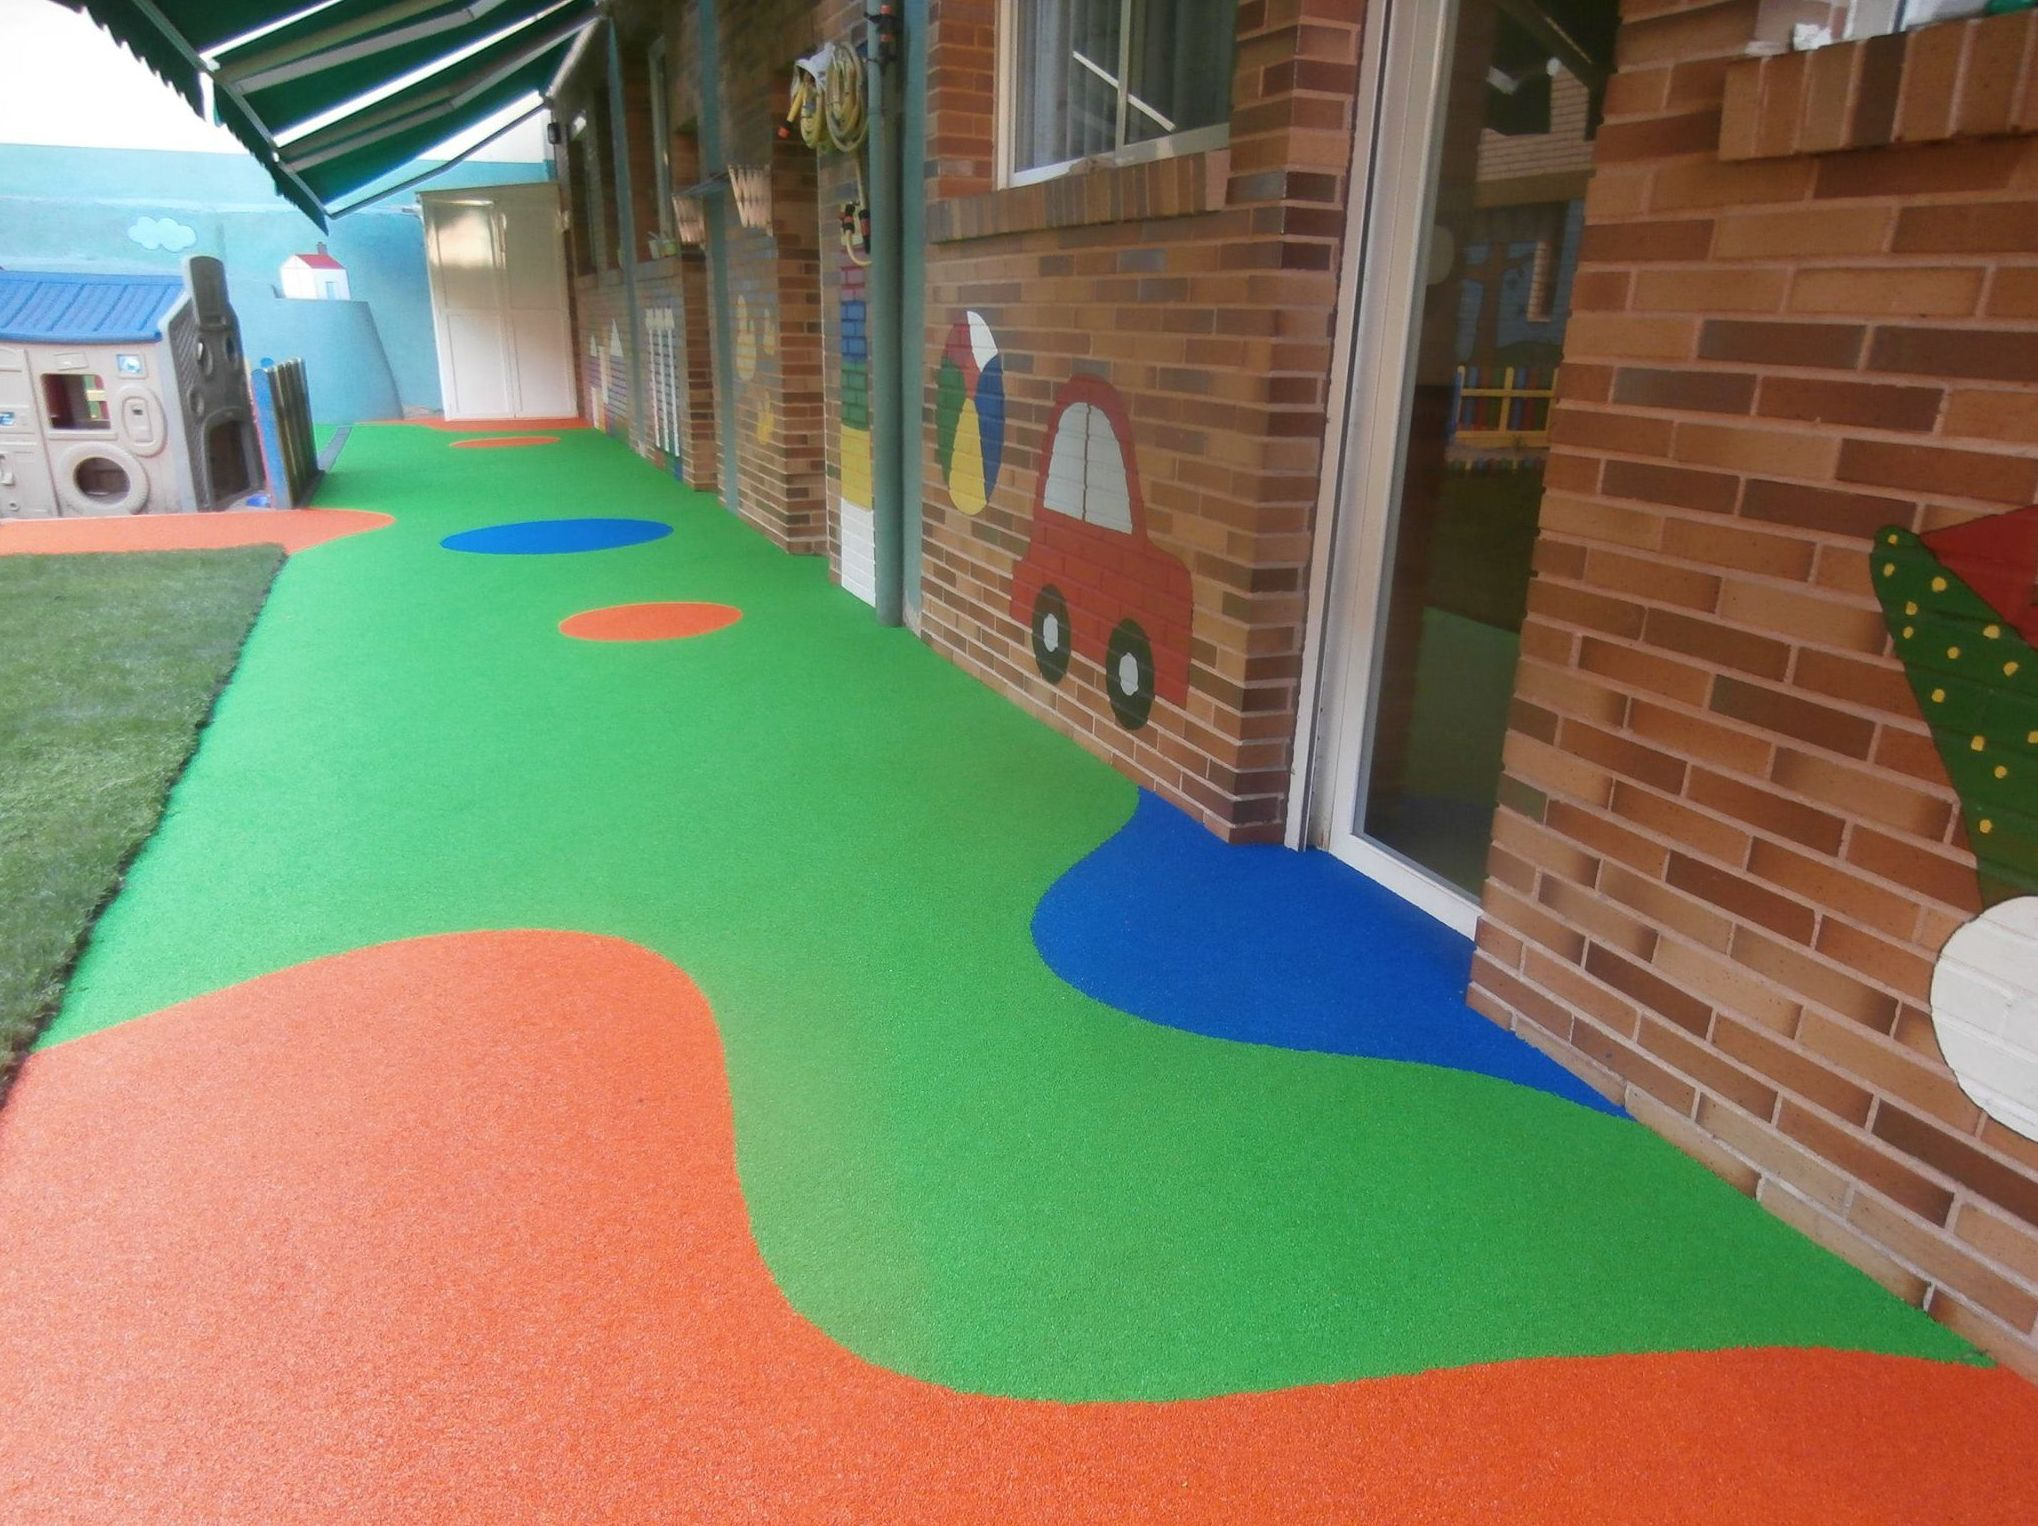 Foto 3 de Guarderías y Escuelas infantiles en Logroño | Centro de Educación Infantil El Parque